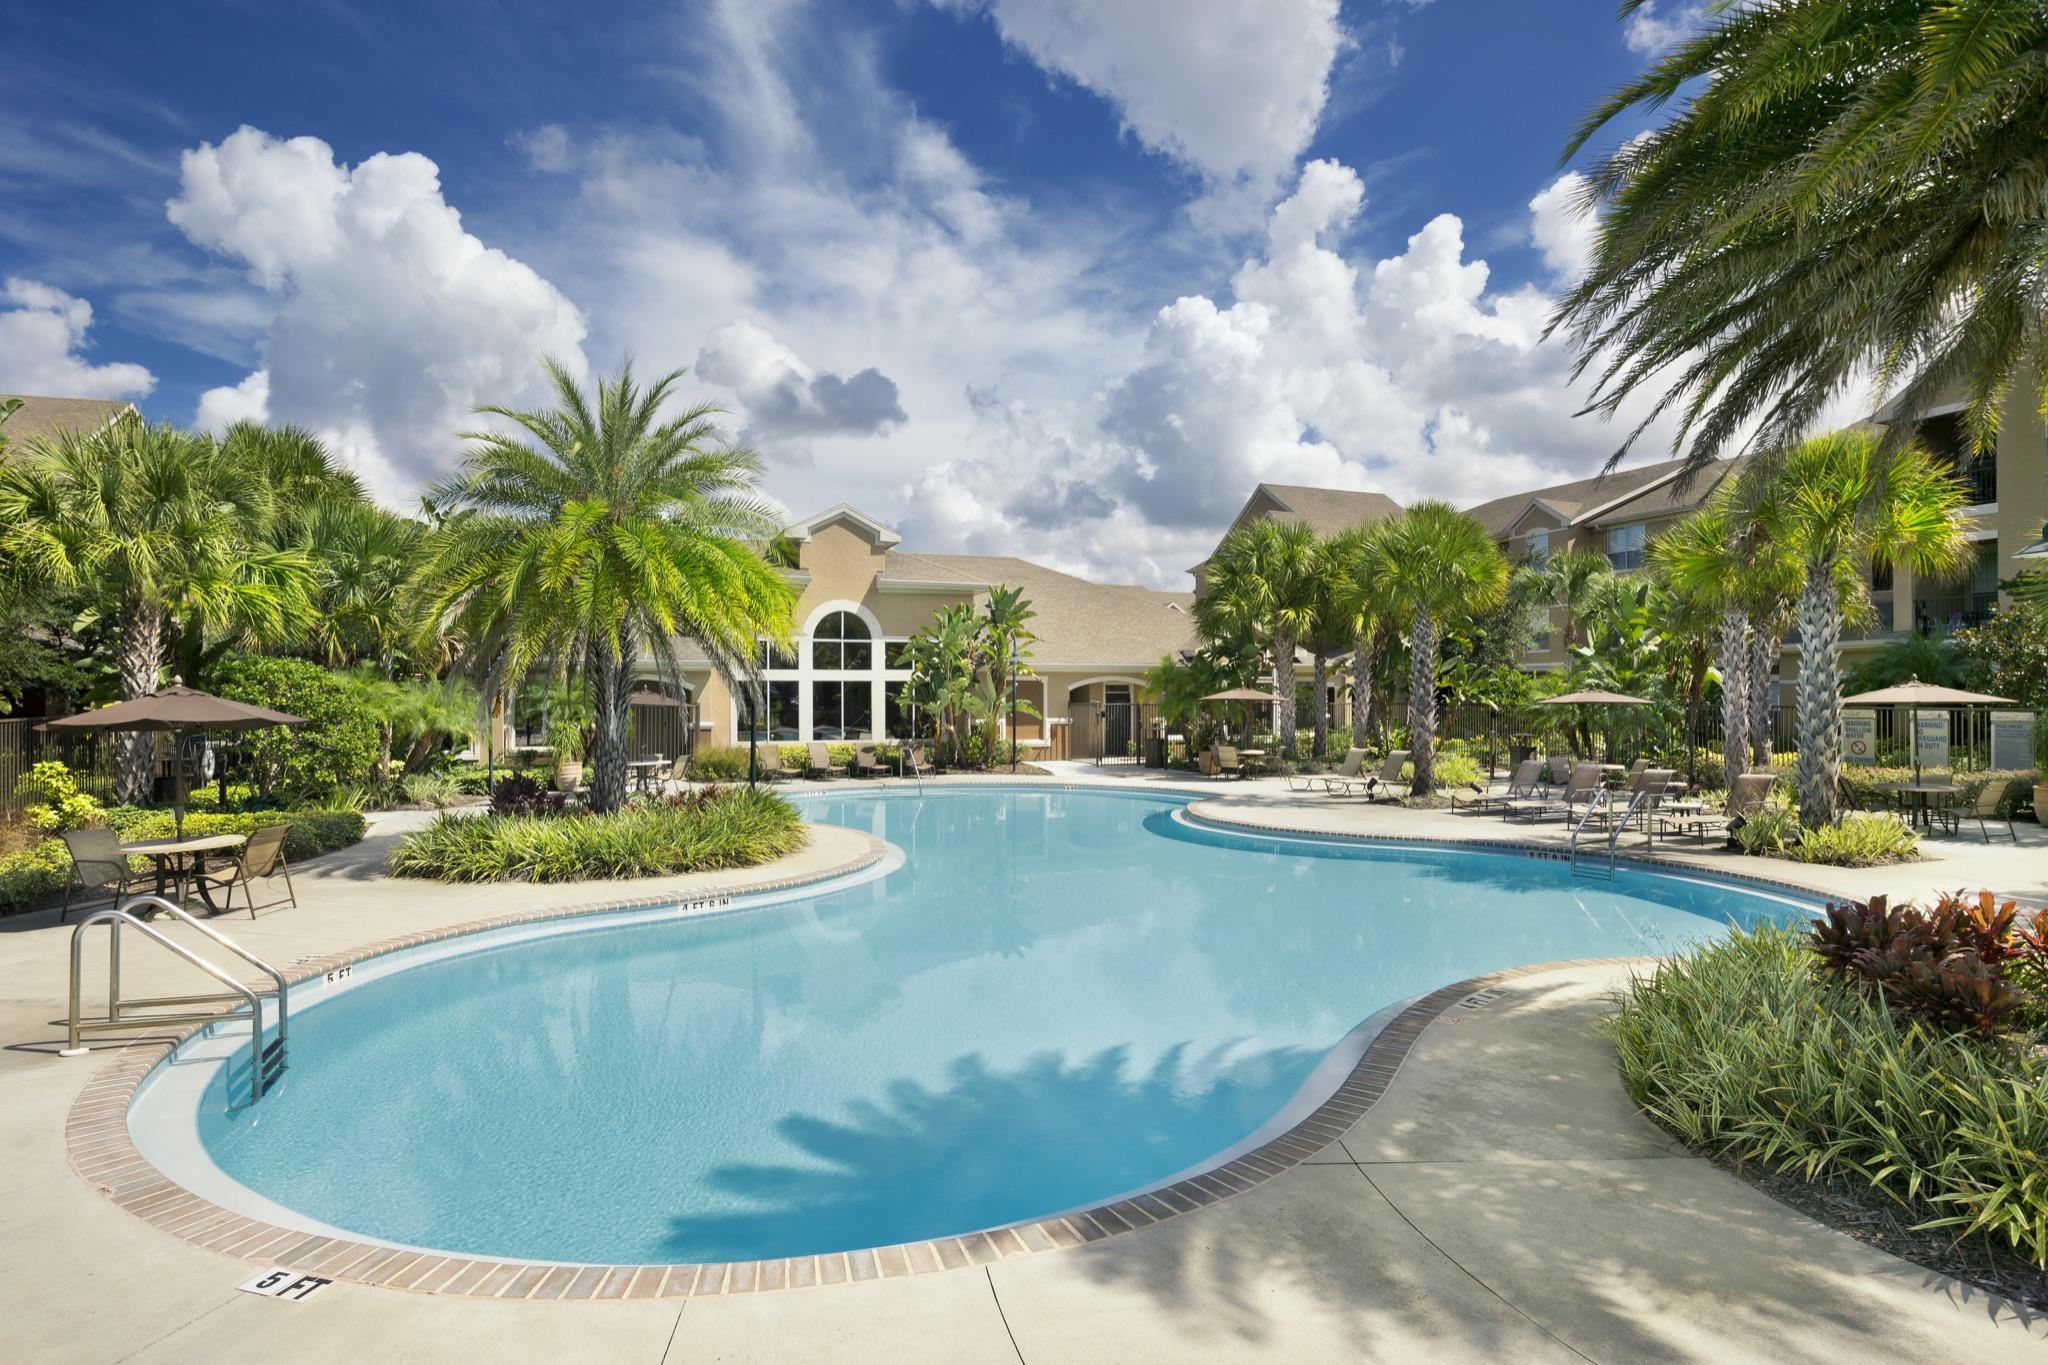 Apartments for Rent in Orlando FL Camden Lago Vista